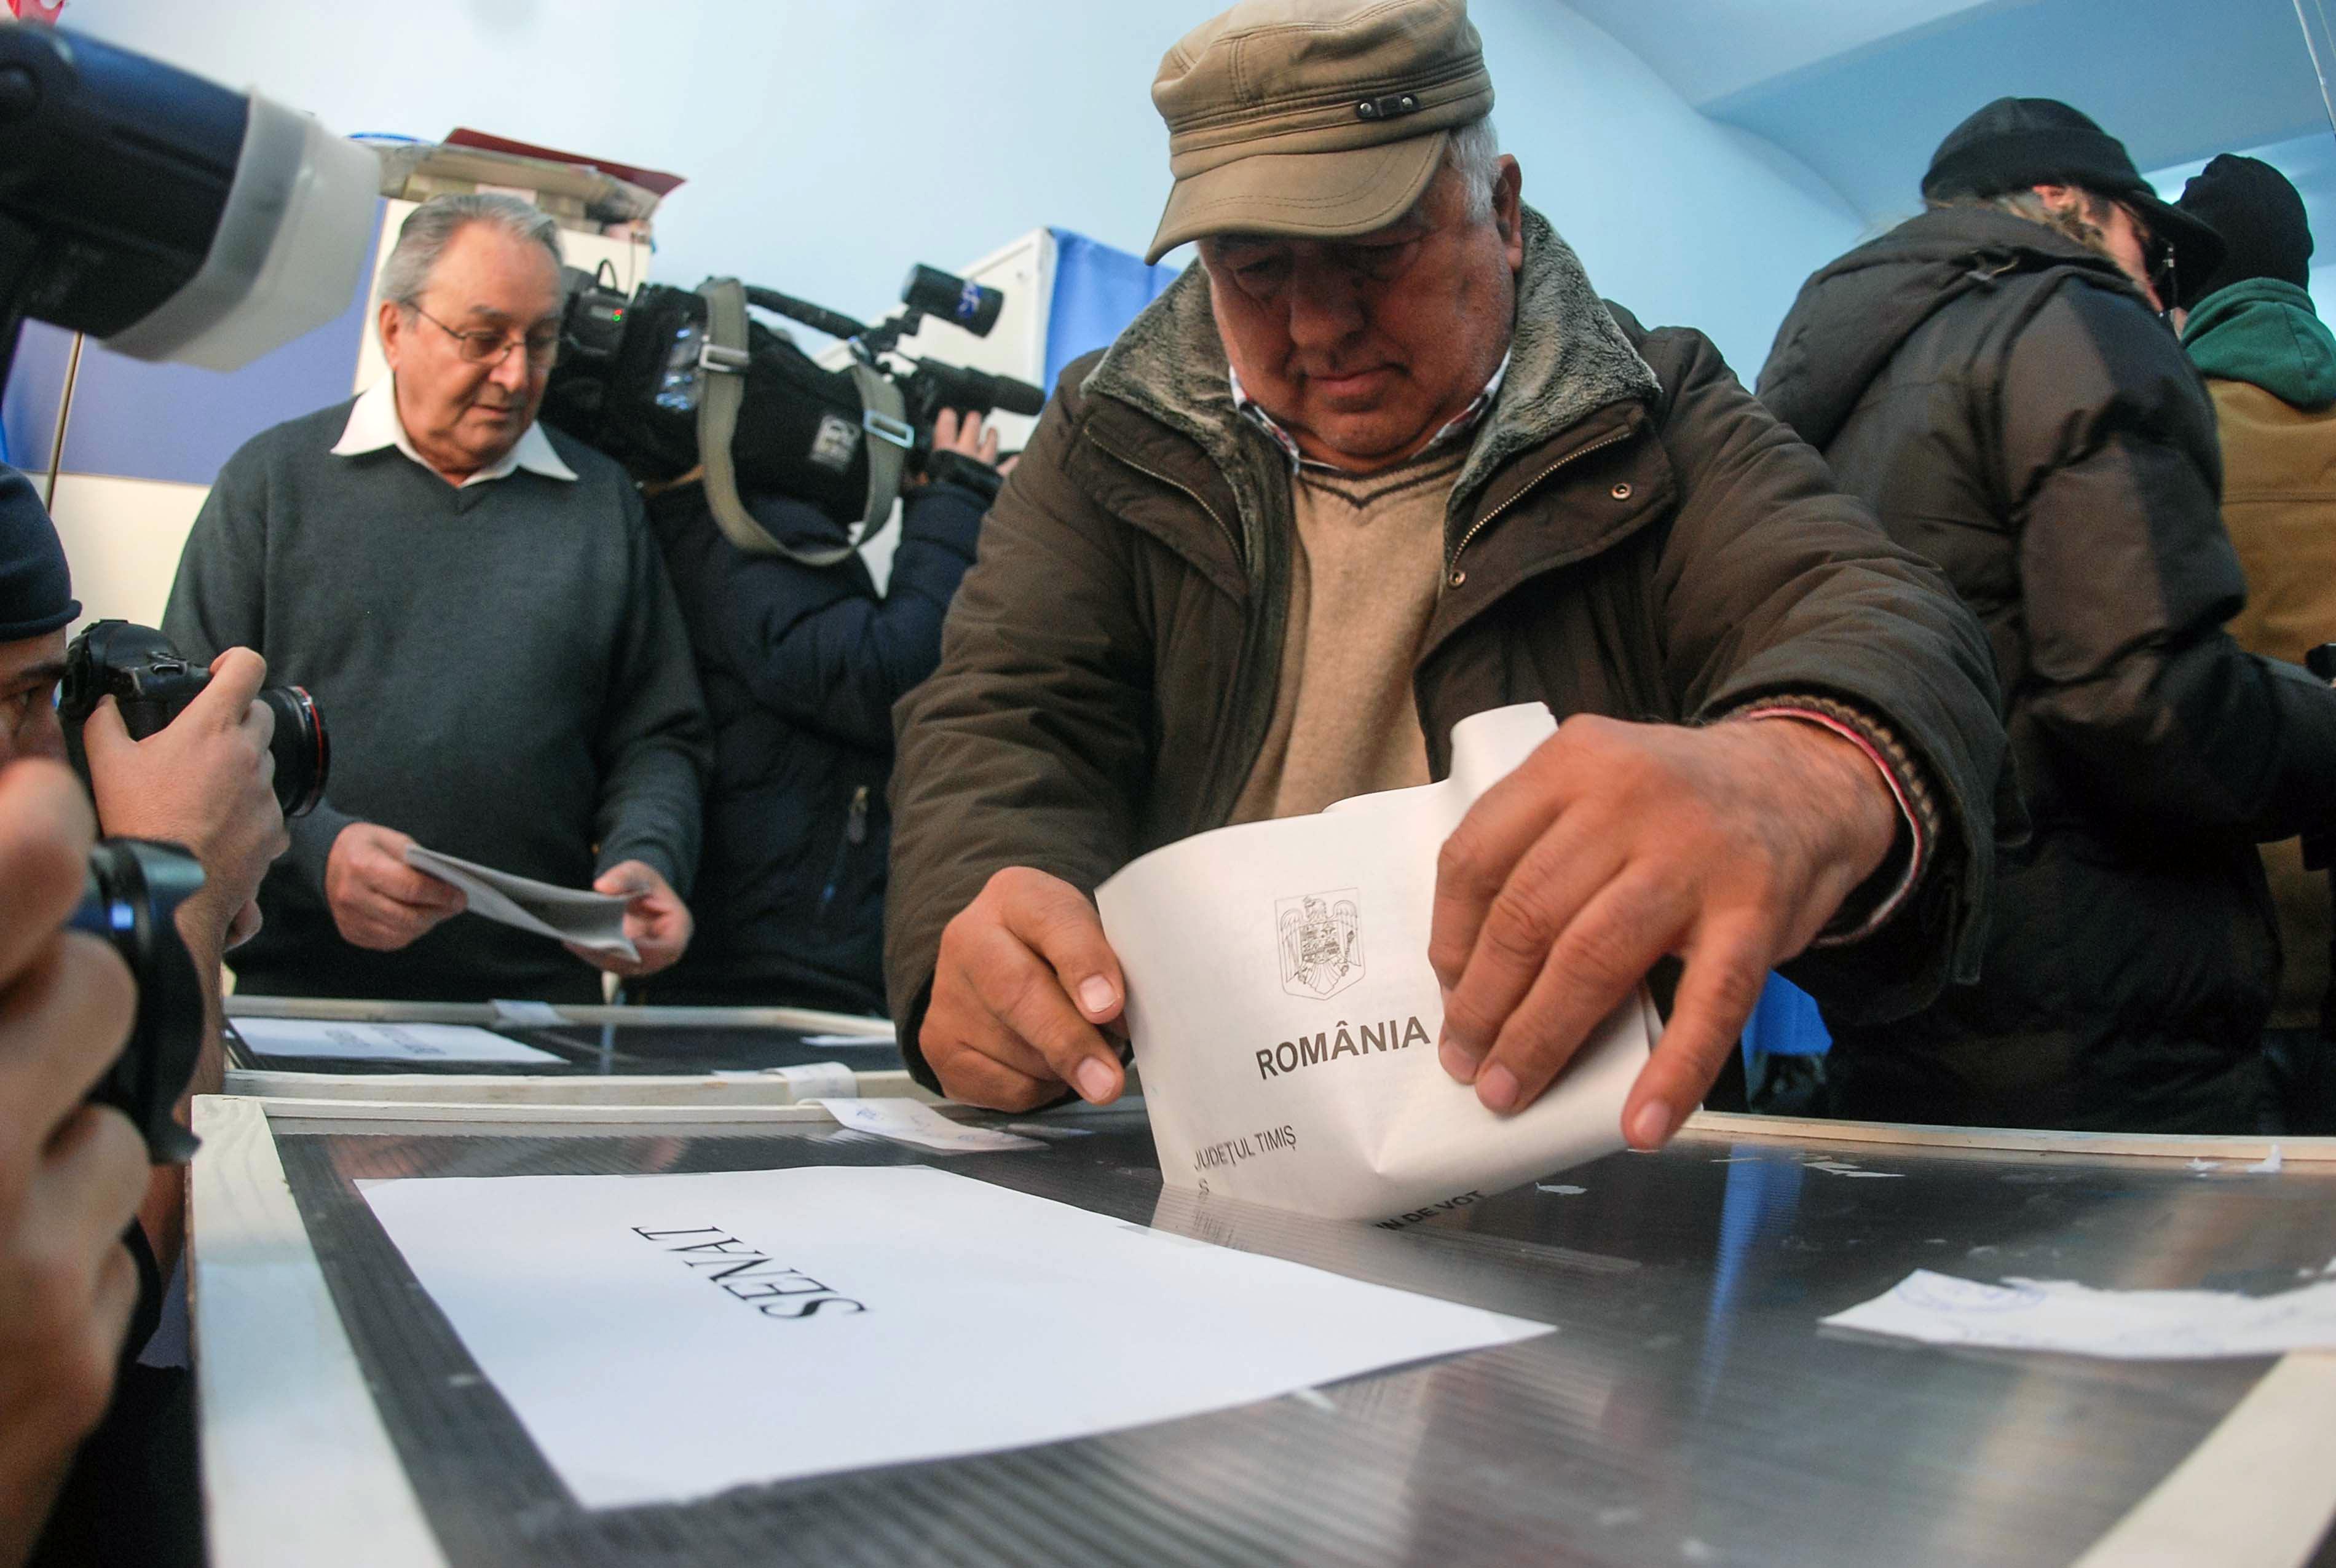 ALEGERI PARLAMENTARE 2016. Prezenta la vot pe regiuni istorice: Oltenii au fost cei mai activi, moldovenii, cei mai absenti